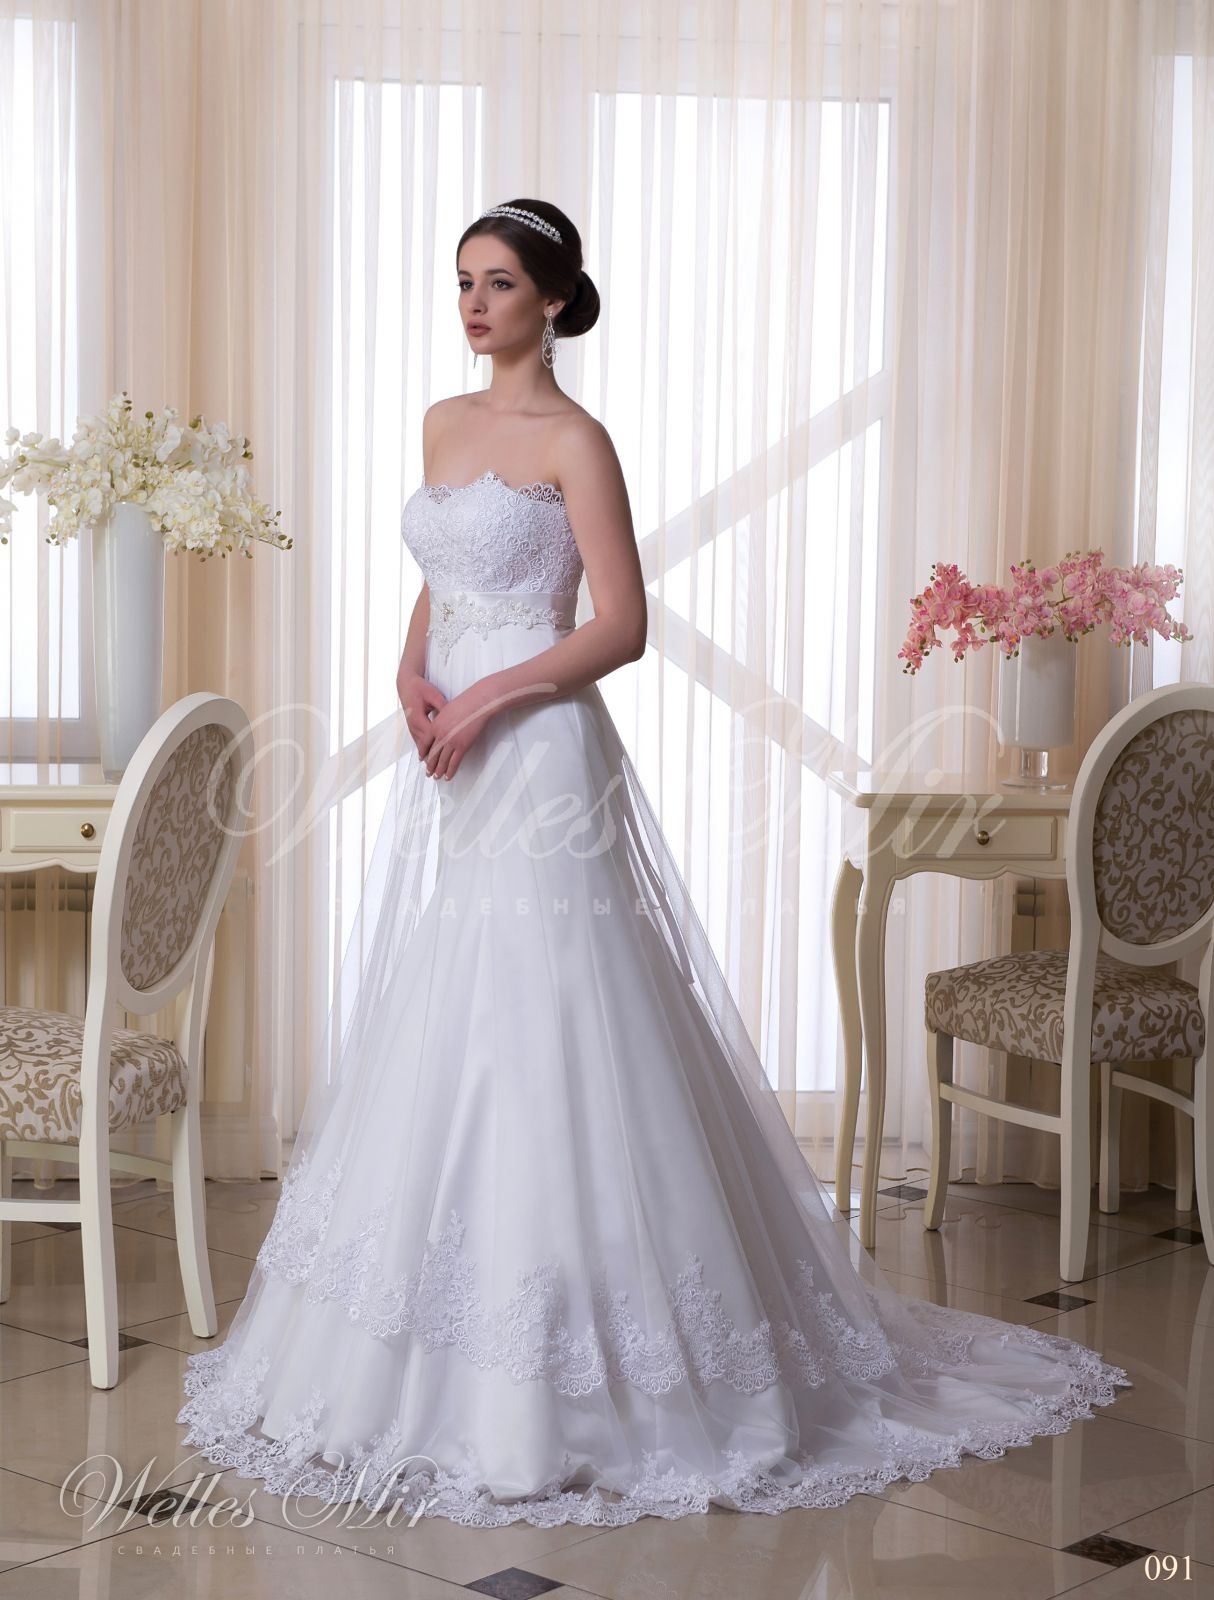 Свадебные платья Charming Elegance - 091